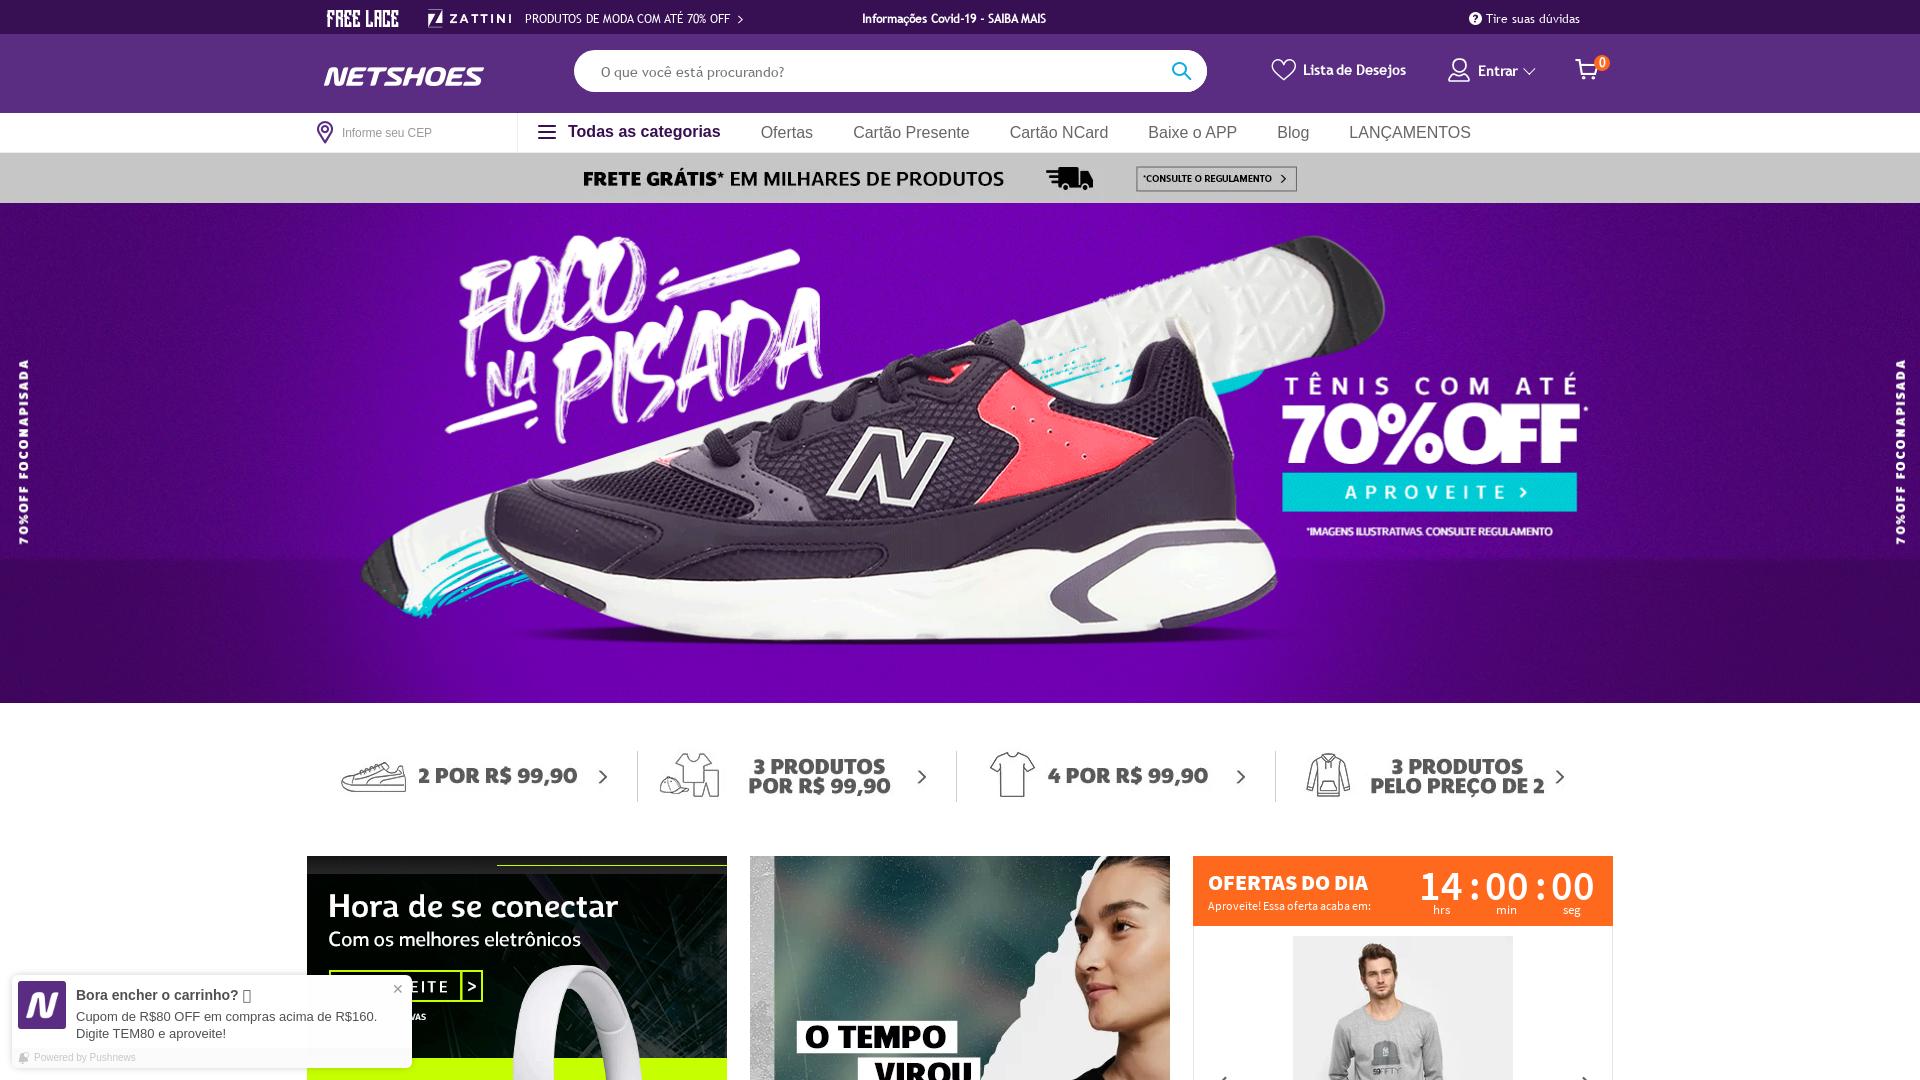 Netshoes Brasil website